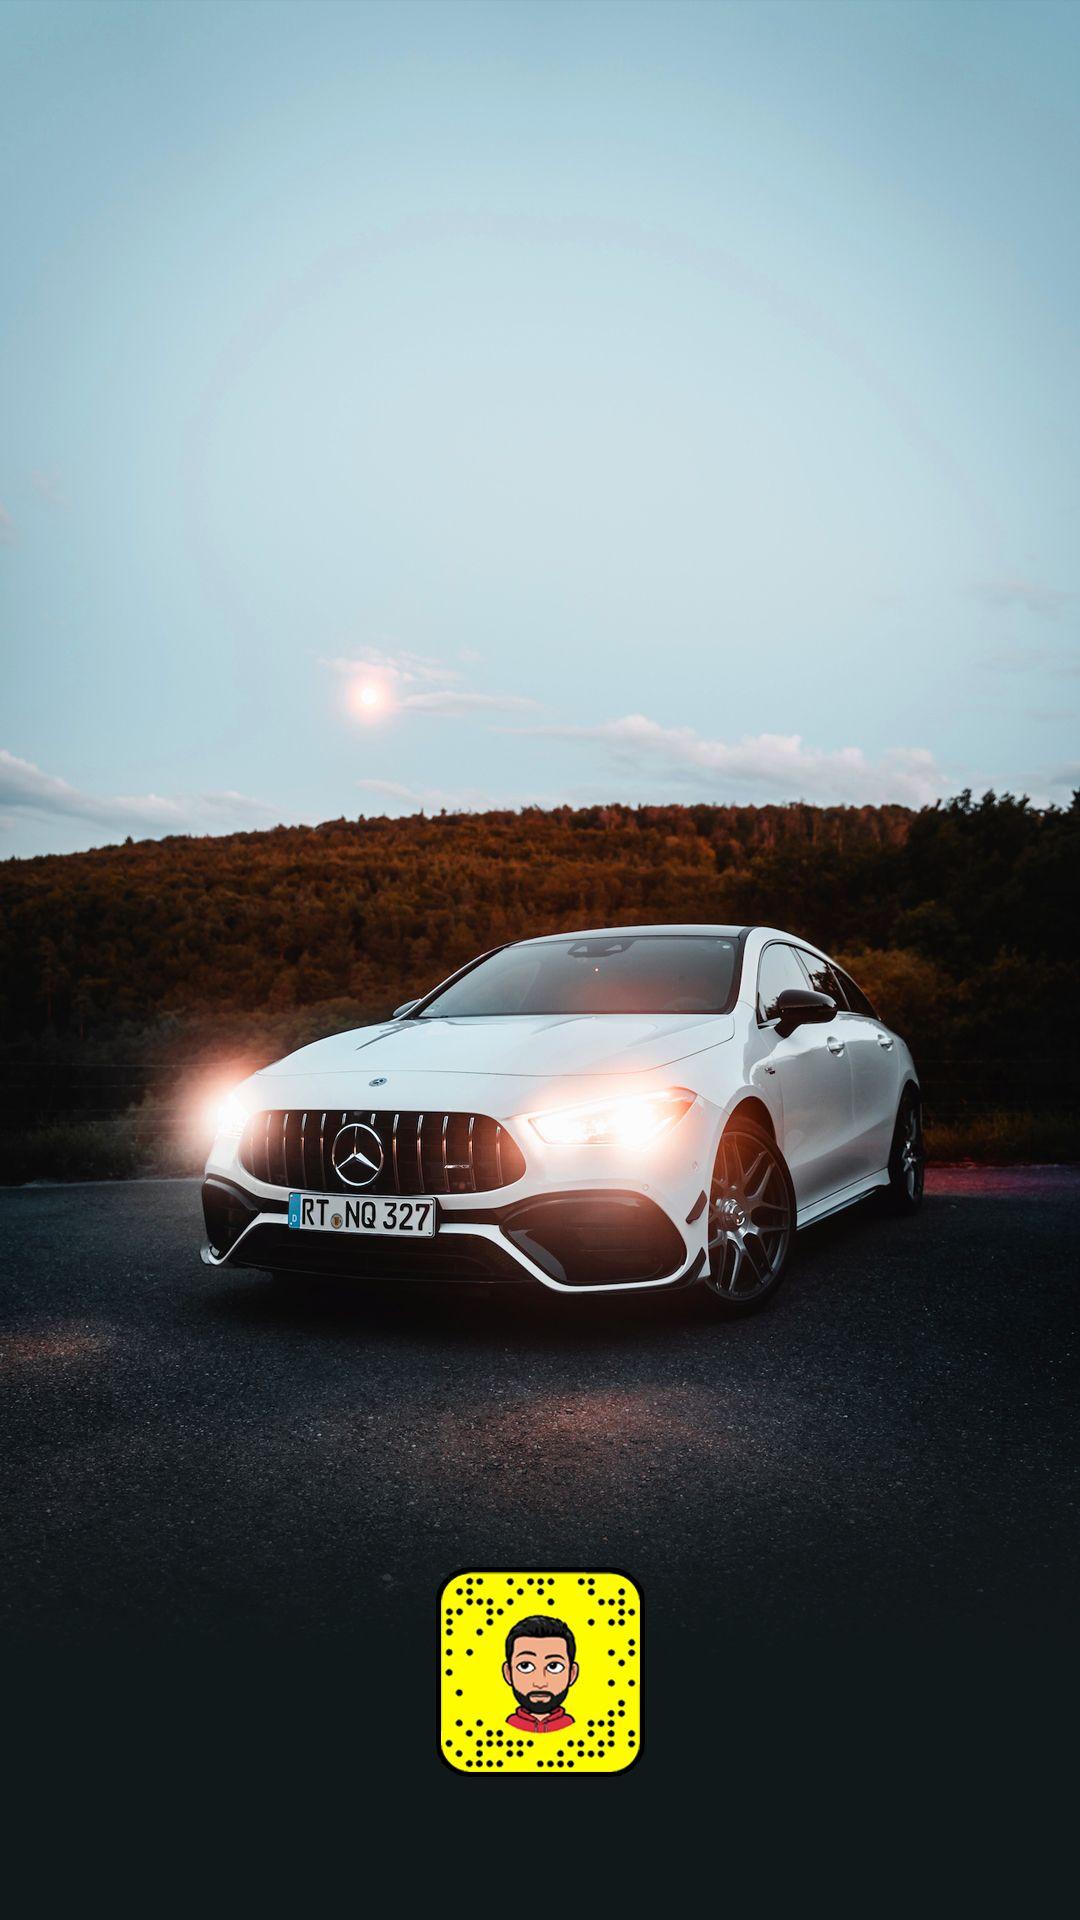 Mercedes Amg Car Amg Car Sports Car Mercedes Amg